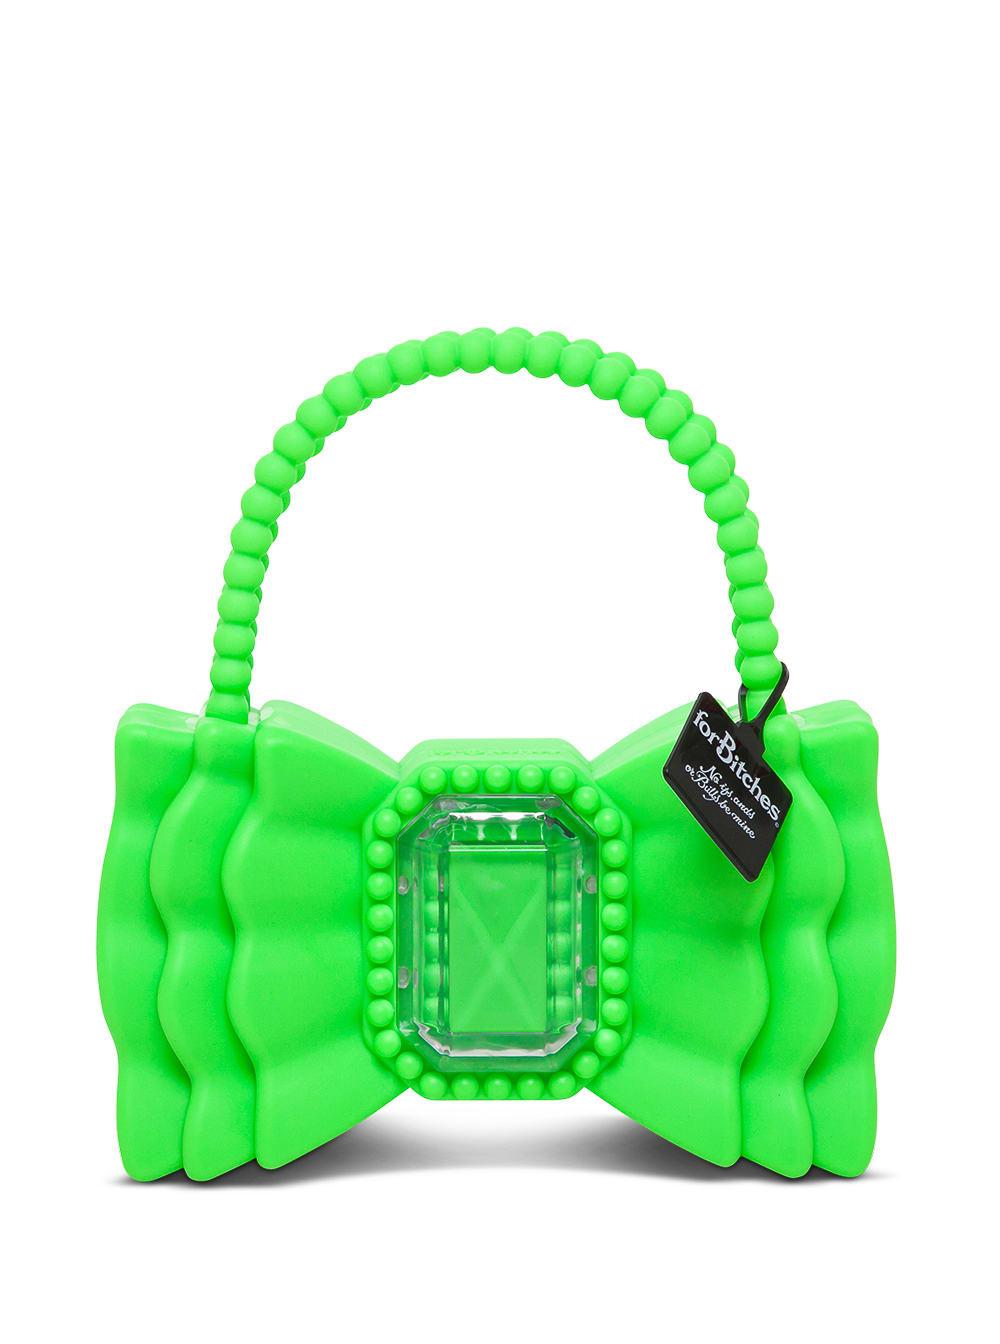 Peewee Bow Green Handbag